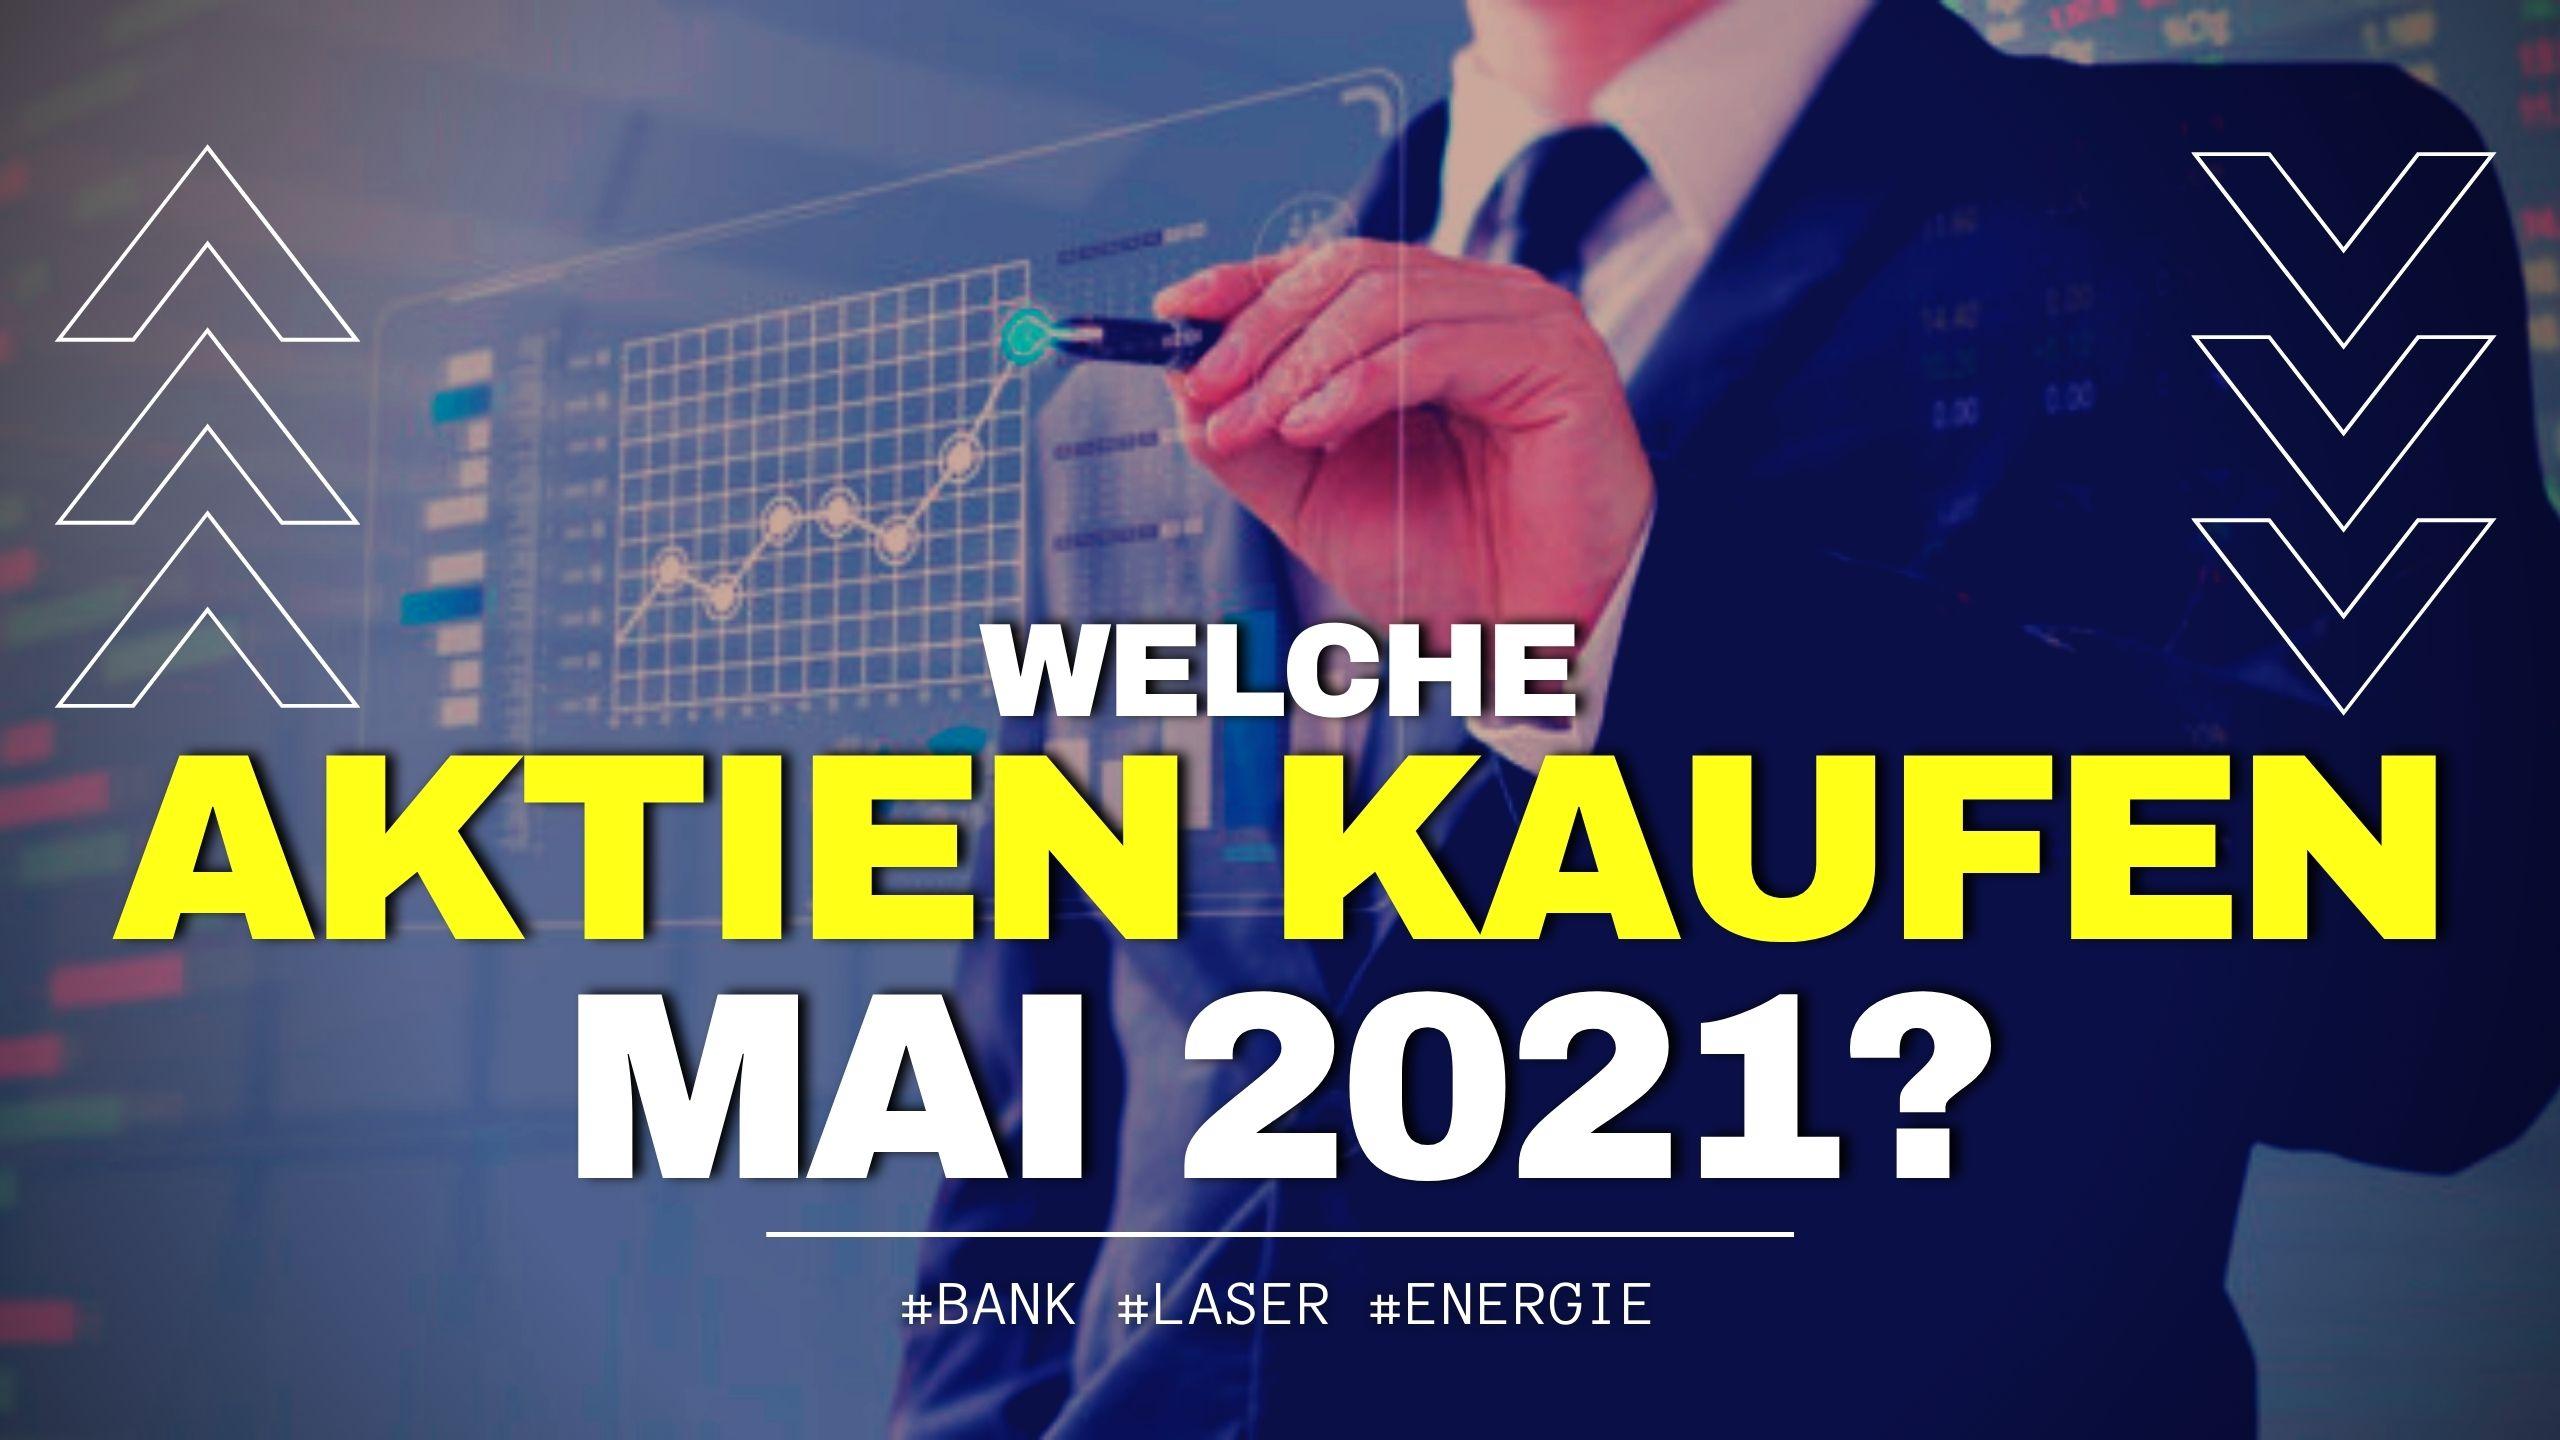 Welche Aktien kaufen wir im Mai 2021?